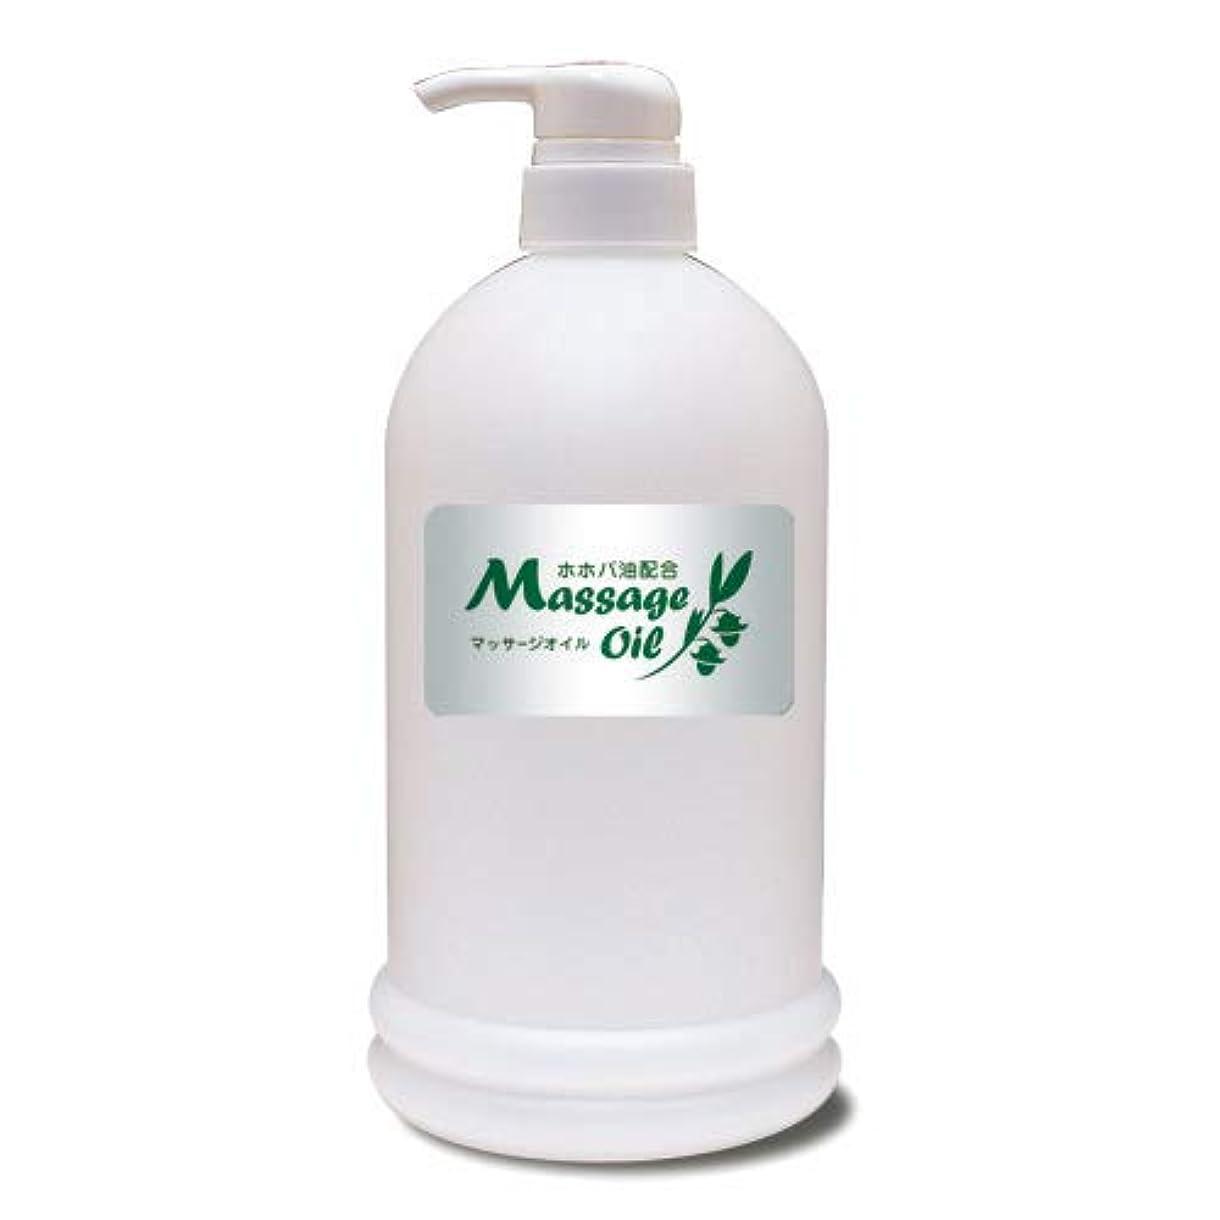 独立したフェリー荒れ地ホホバ油配合マッサージオイル 1Lボトル│エステ店御用達のプロ仕様業務用マッサージオイル 大容量 ホホバオイル